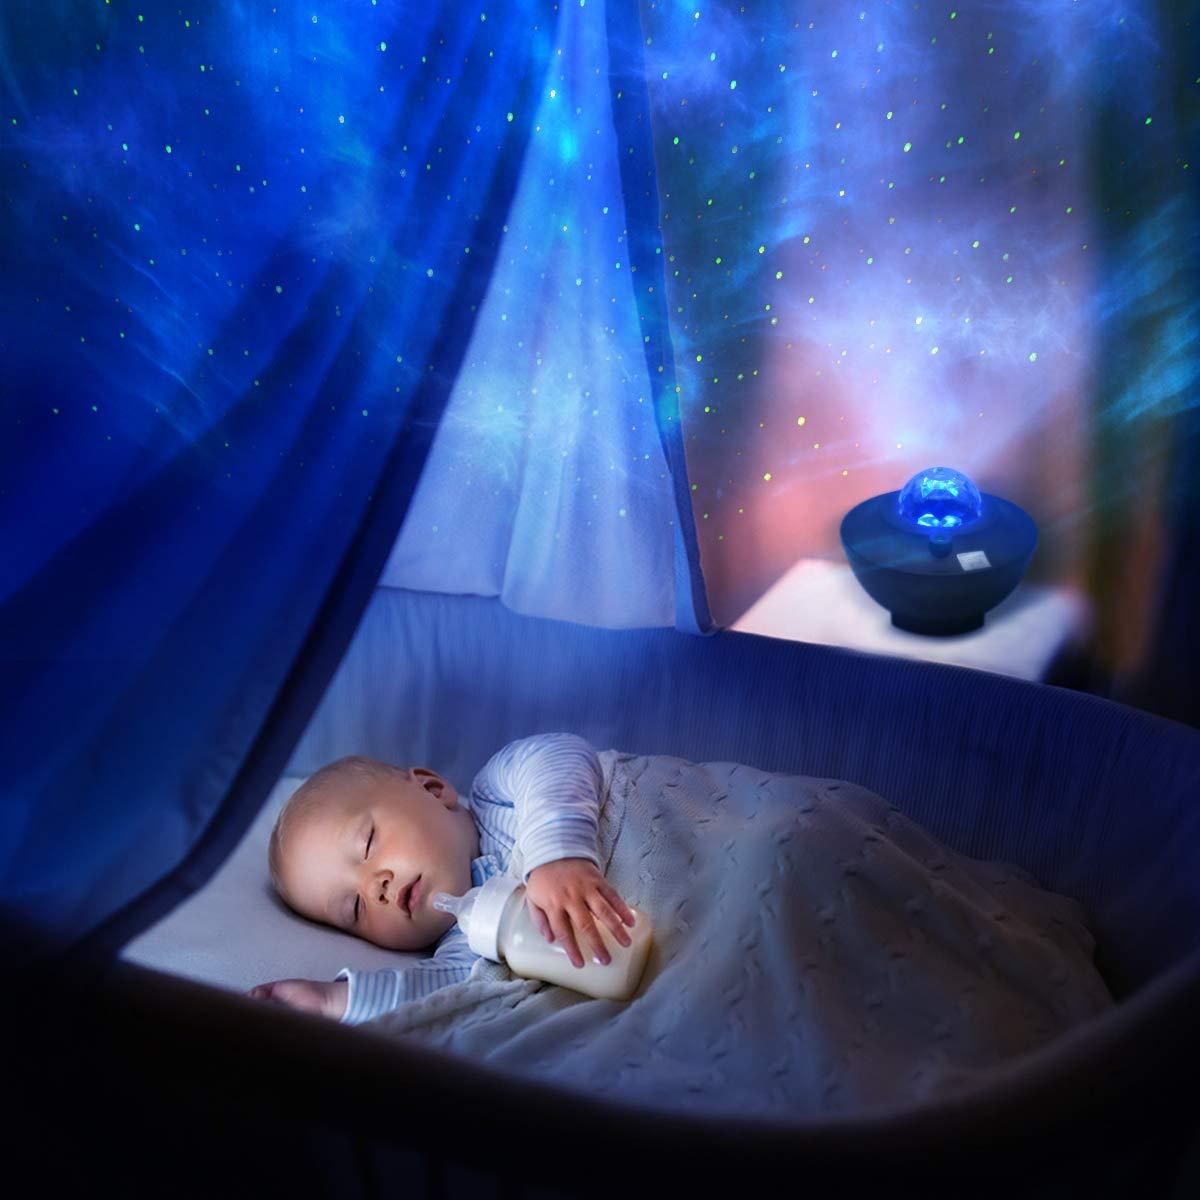 Sternenhimmel Projektor Kinder Nachtlicht Galaxy Projektor Nebel Lampe Starry Music Projektor mit Bluetooth Timer Fernbedienung LED Rotation für Kinder Erwachsene Dekoration Weihnachten Geschenk: Amazon.de: Baby - Sternenhimmel Lampe